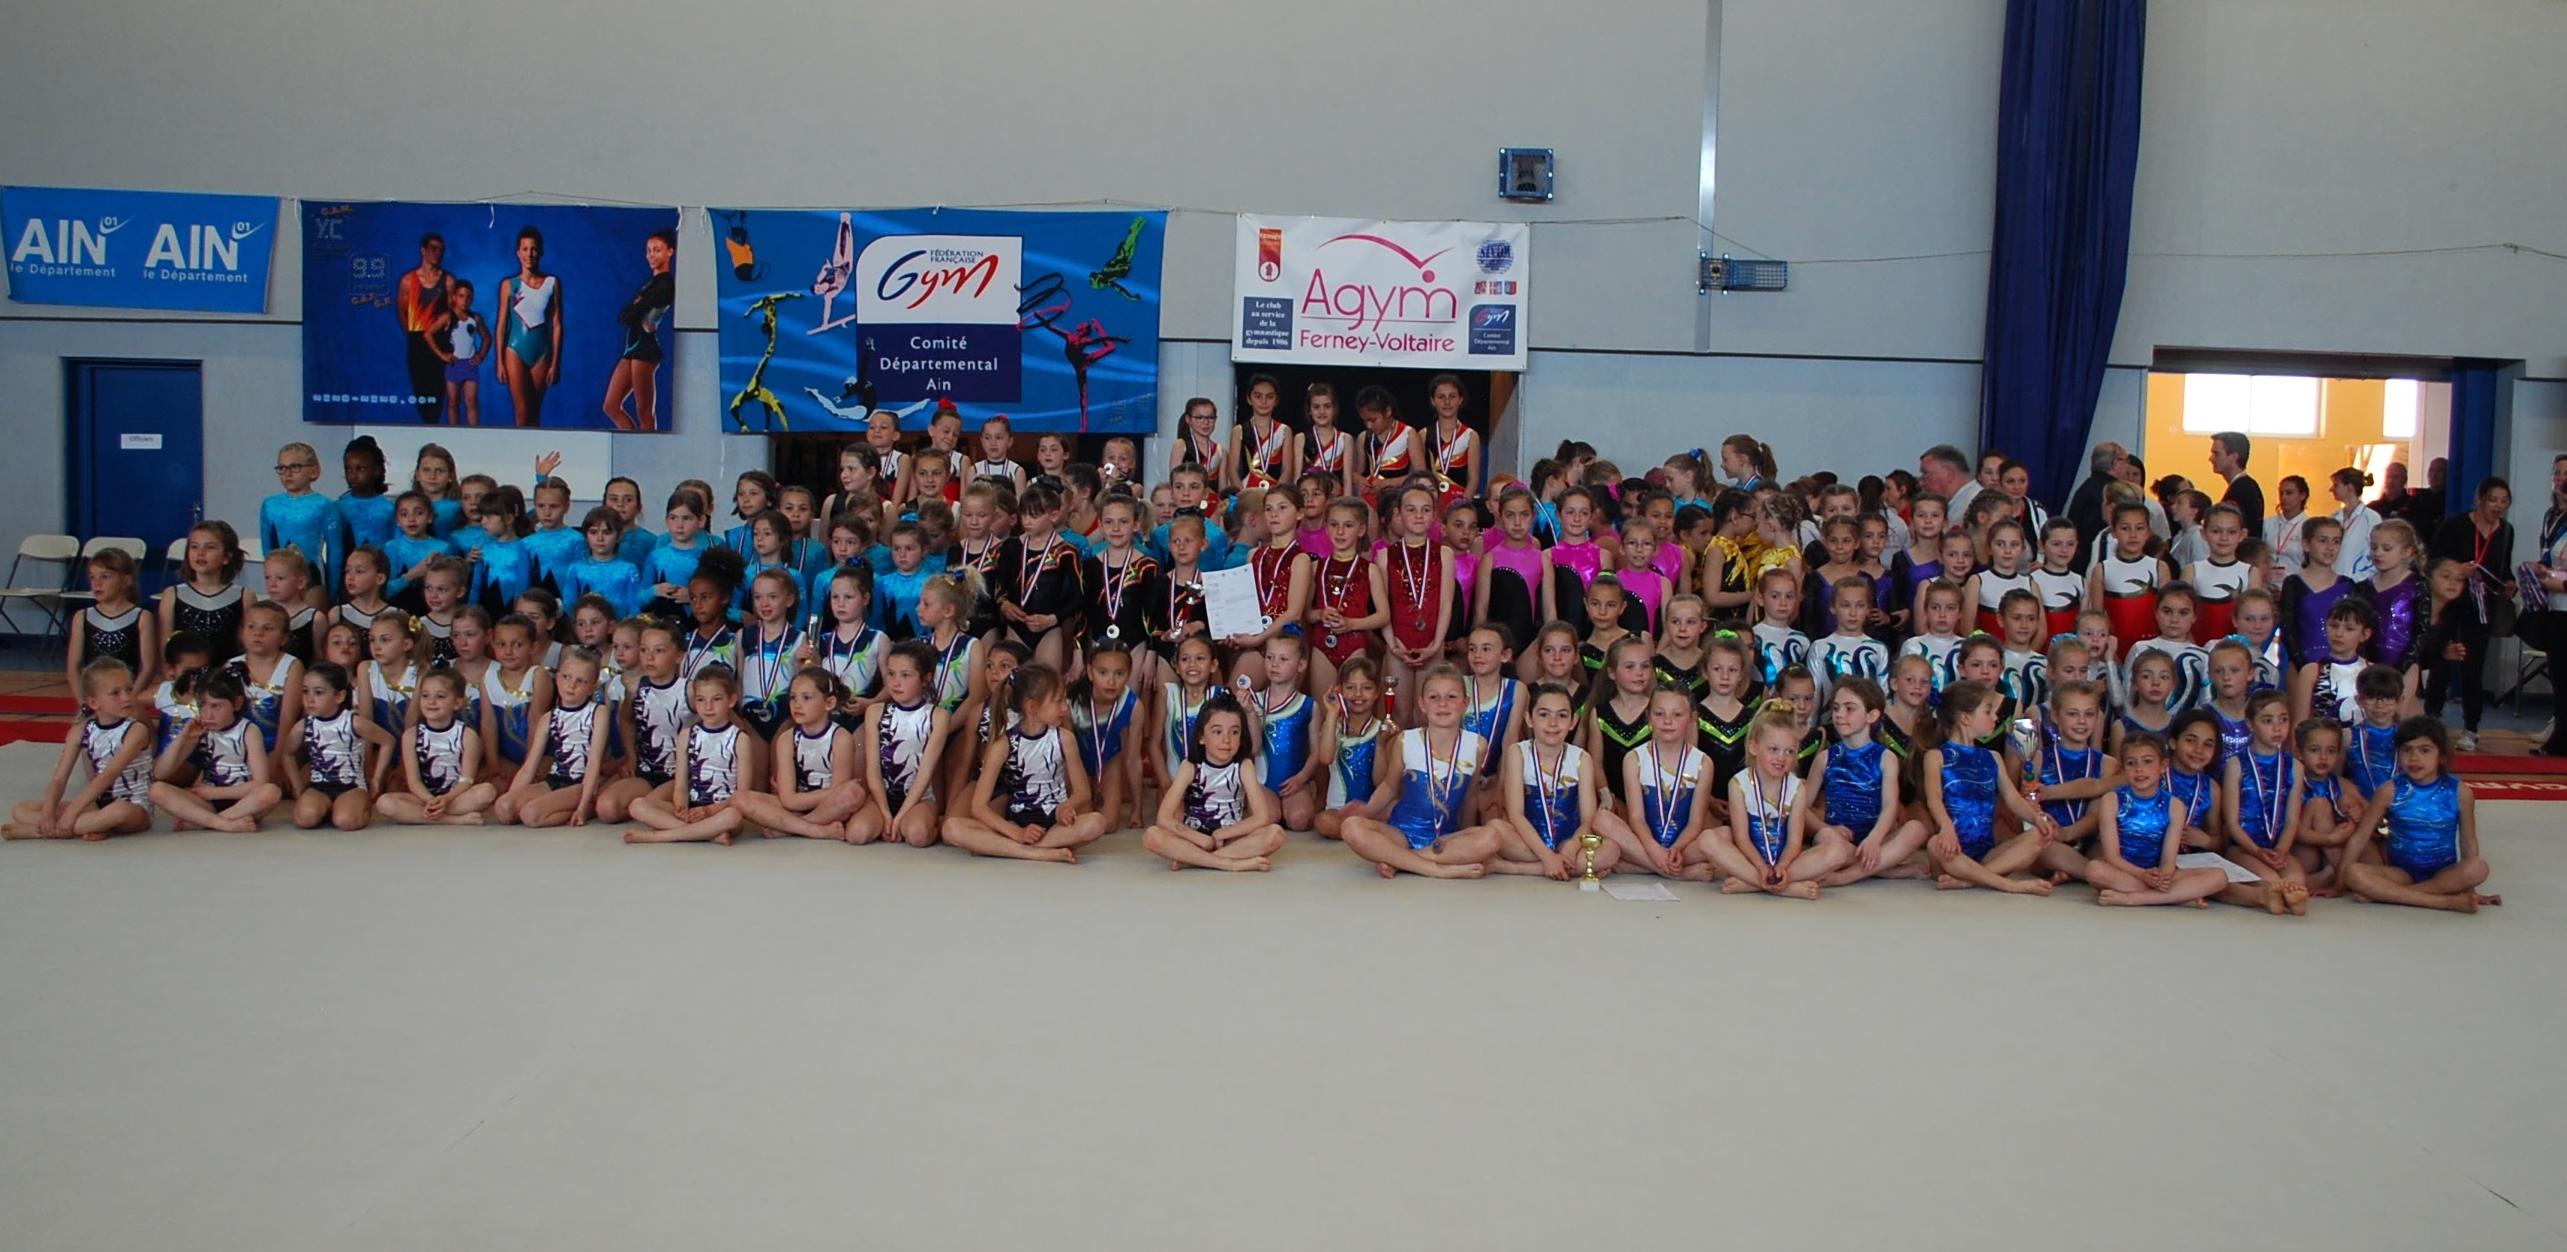 Championnat des DR et DD en gym artistique à Ferney Voltaire - Résultats